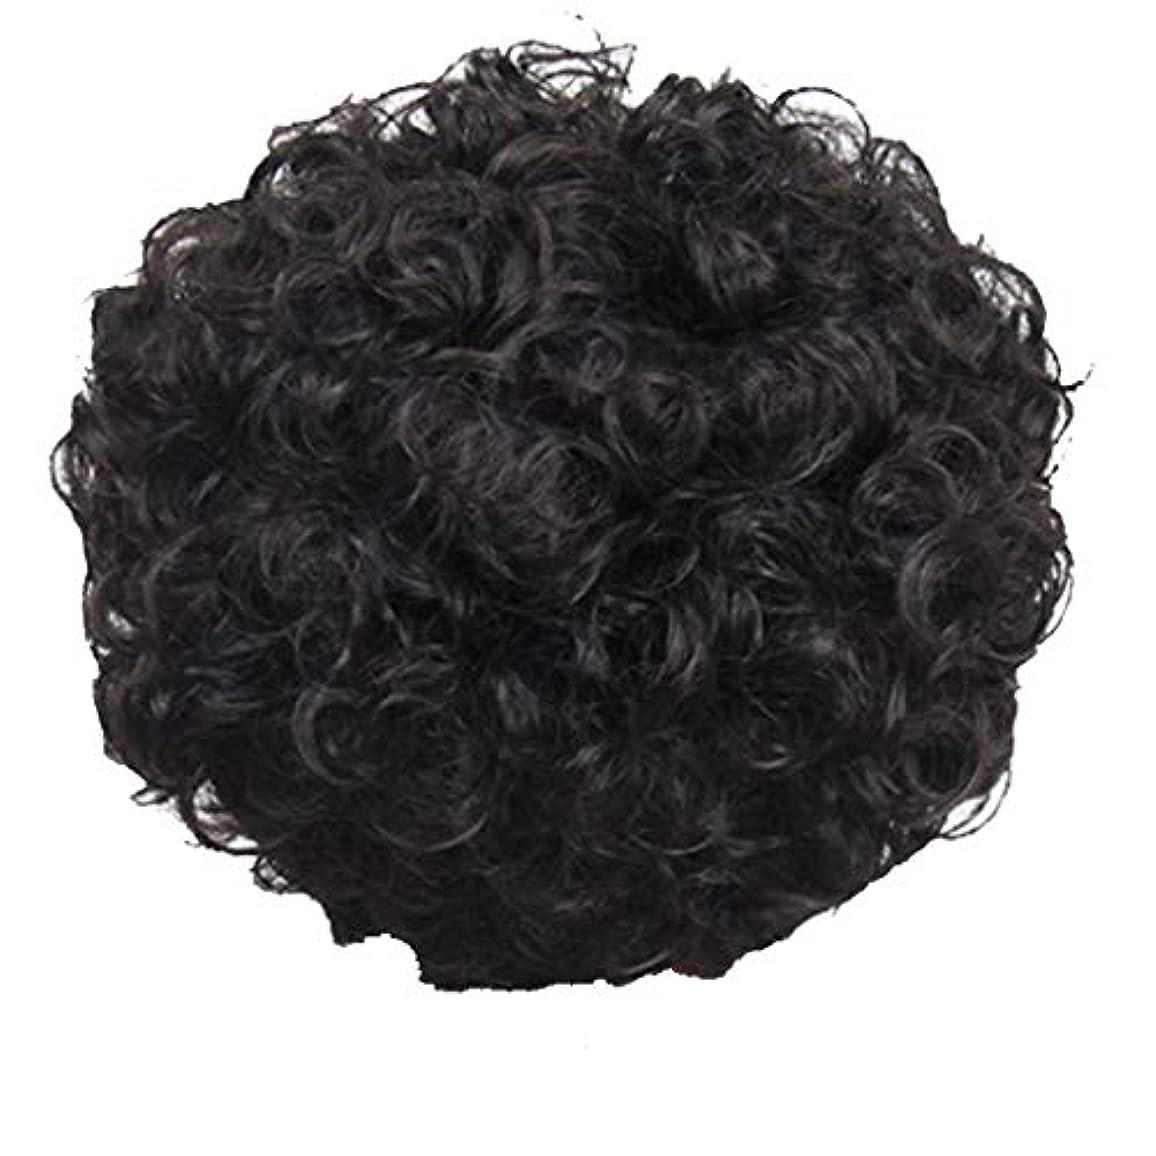 キャベツできる免疫かつら、女性、短い髪、巻き毛、かつら、エルフカット、かつらキャップ、27cm